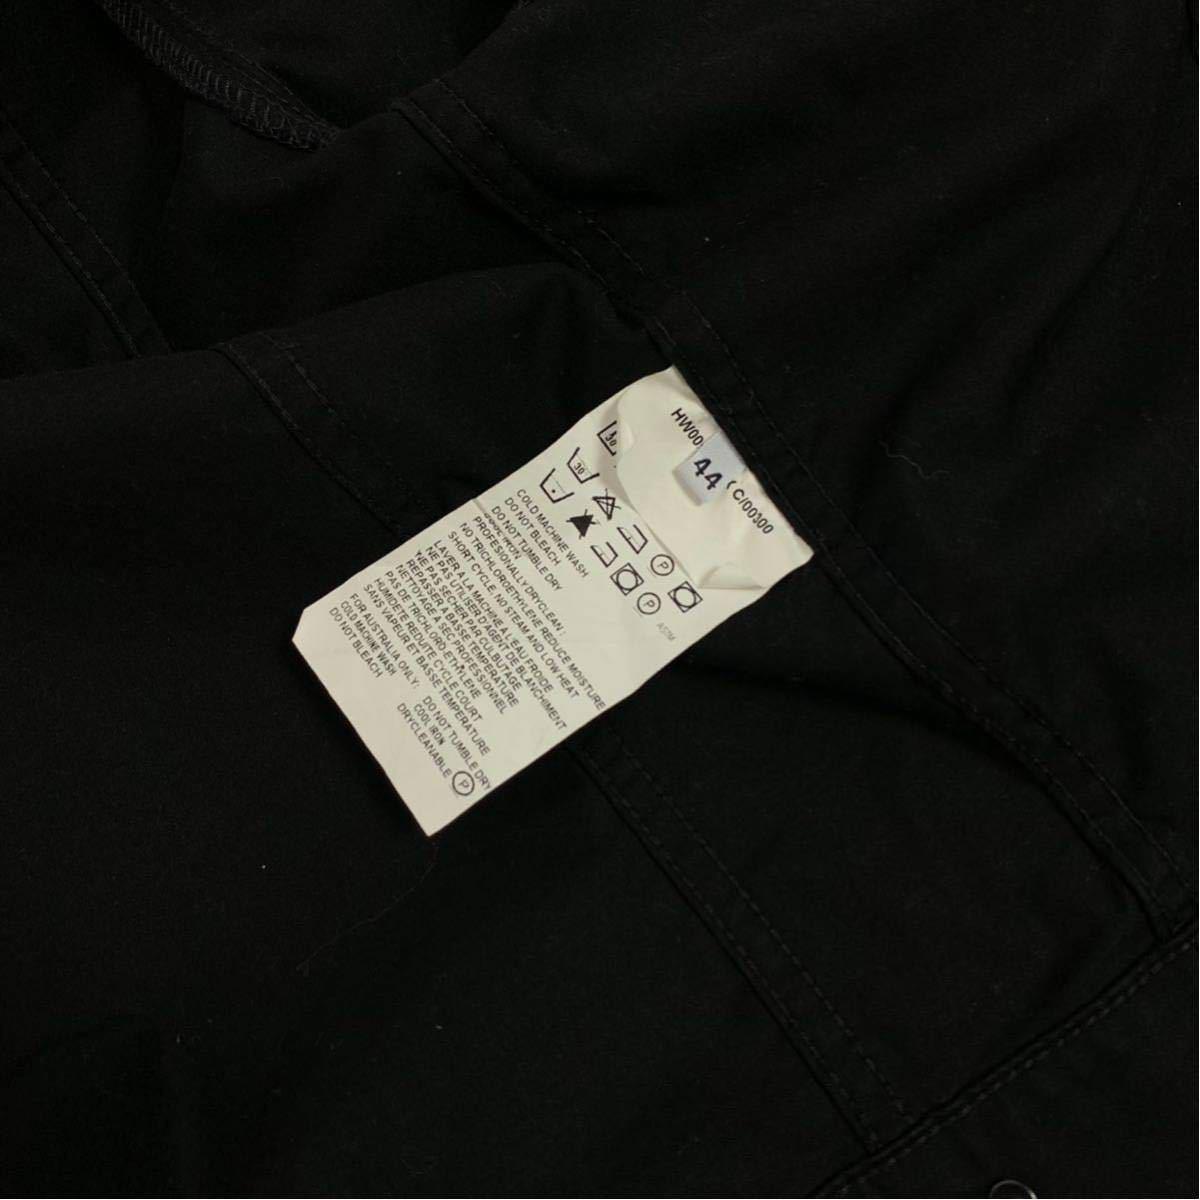 Helmut Lang 初期 ペンキペイント ジャケット コットン ブラック ヘルムートラング イタリア製 本人期 アーカイブ 1円スタート メンズ_画像8